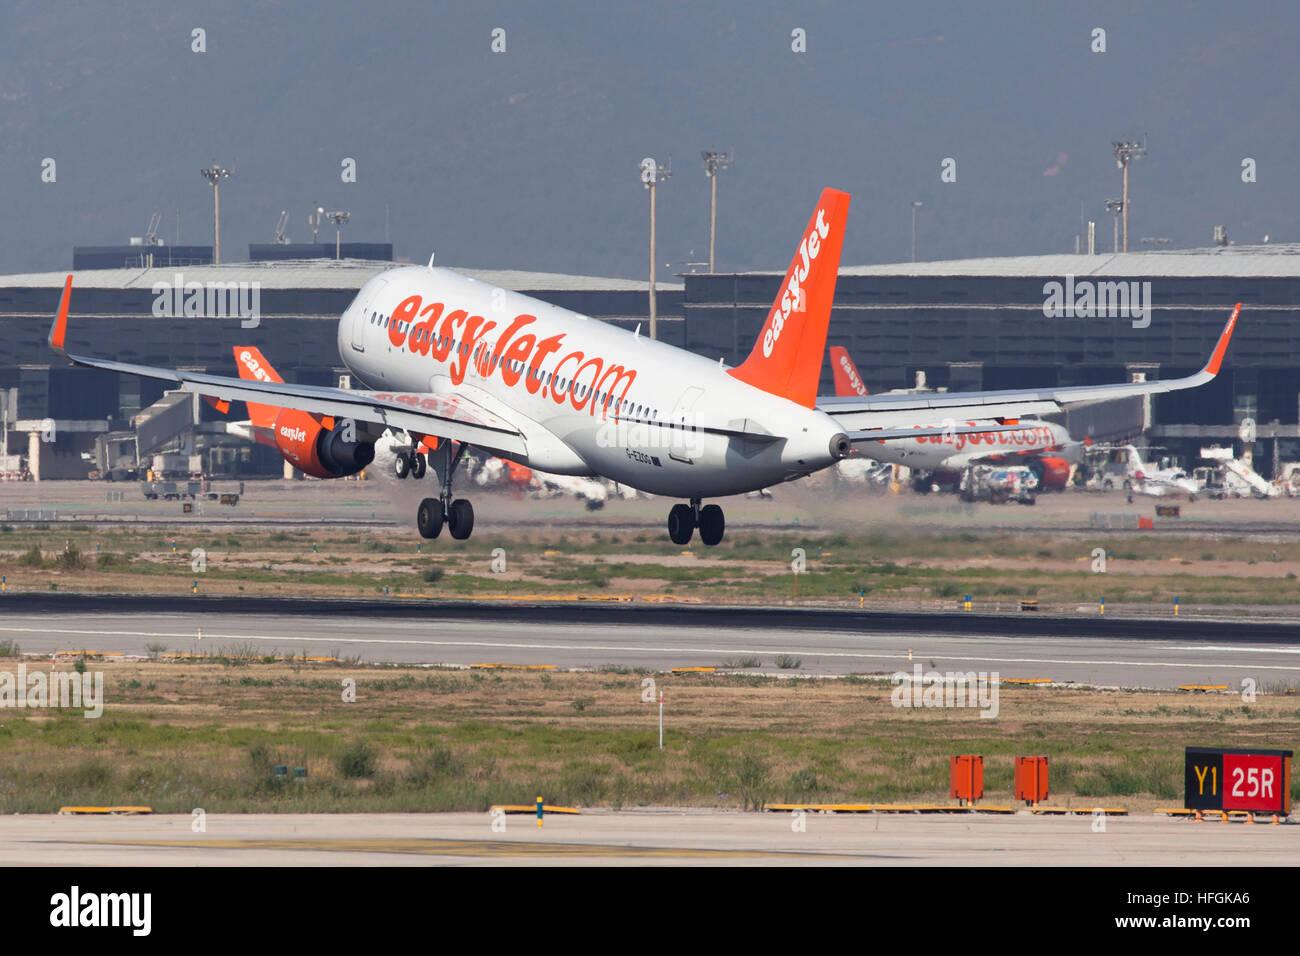 Easyjet Airbus A320 landing at El Prat Airport in Barcelona, Spain. - Stock Image